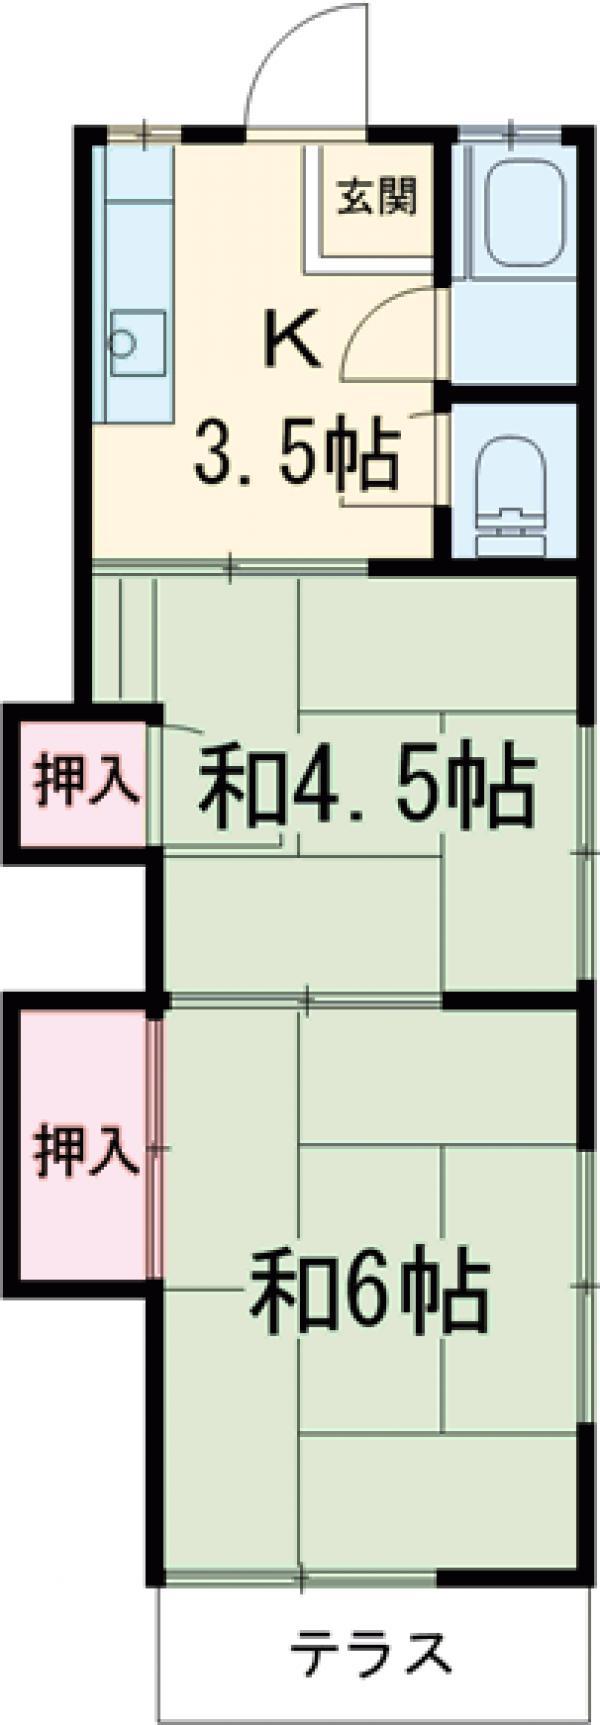 ひかり荘A・201号室の間取り